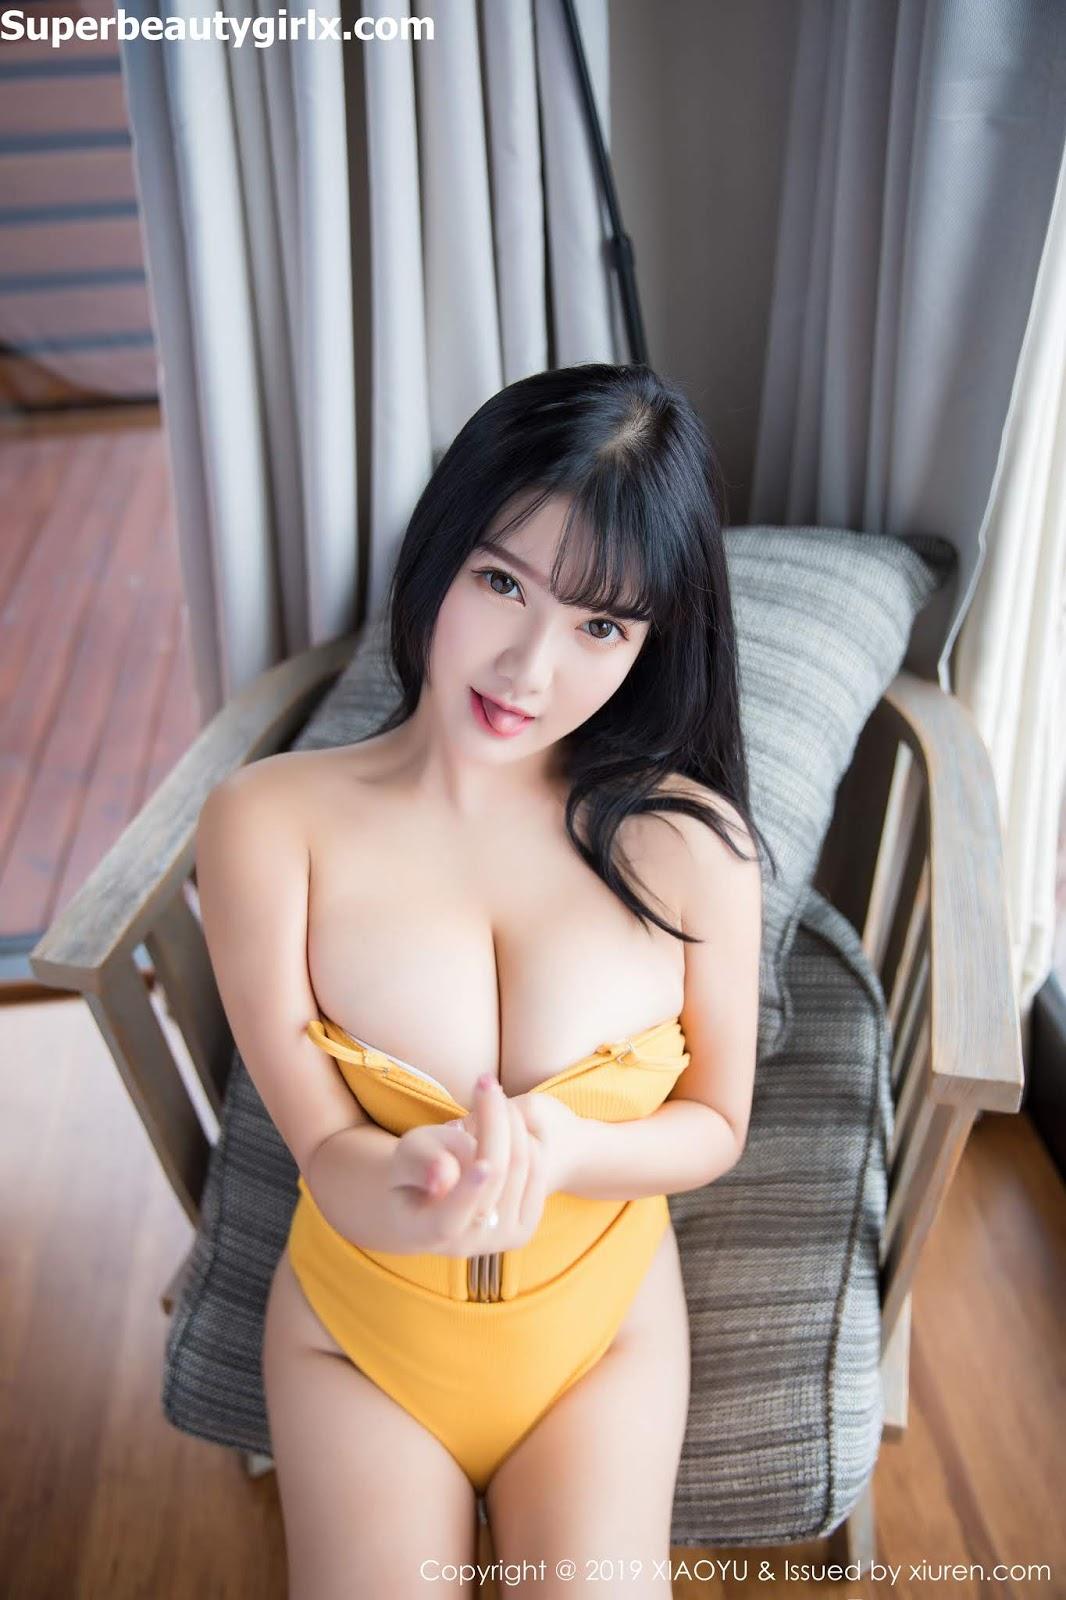 XiaoYu-Vol.111-Xiao-You-Nai-Superbeautygirlx.com